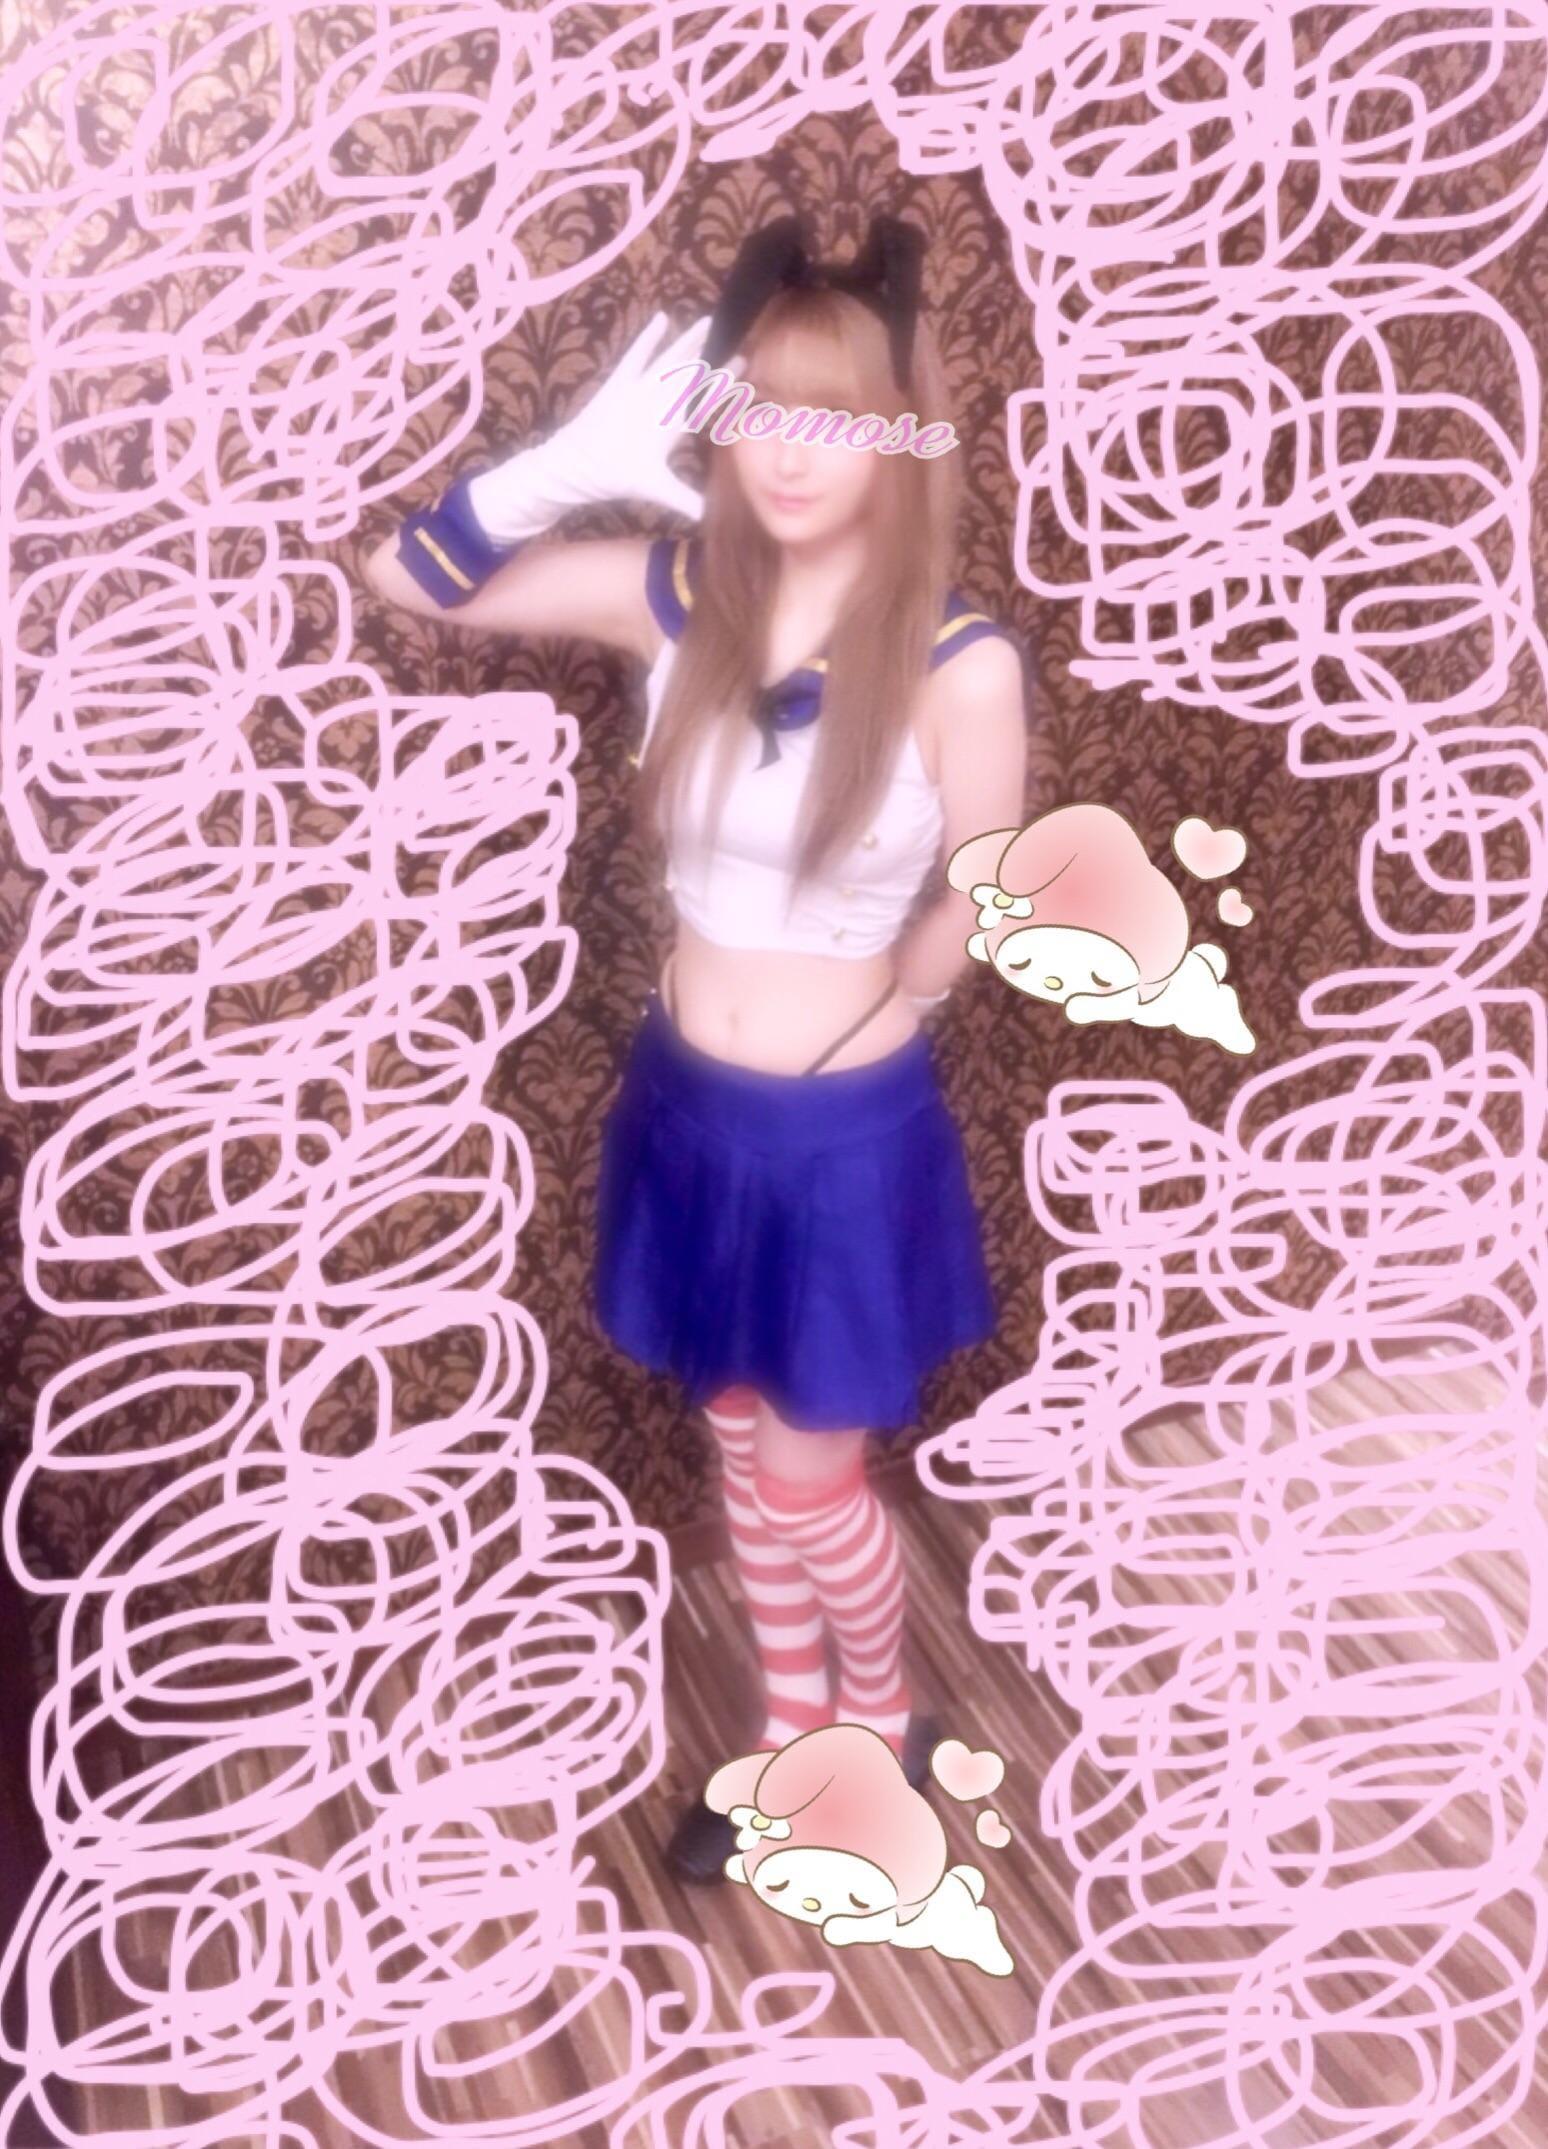 「♡さやかです♡」09/16(09/16) 12:55 | 桃瀬 さやかの写メ・風俗動画